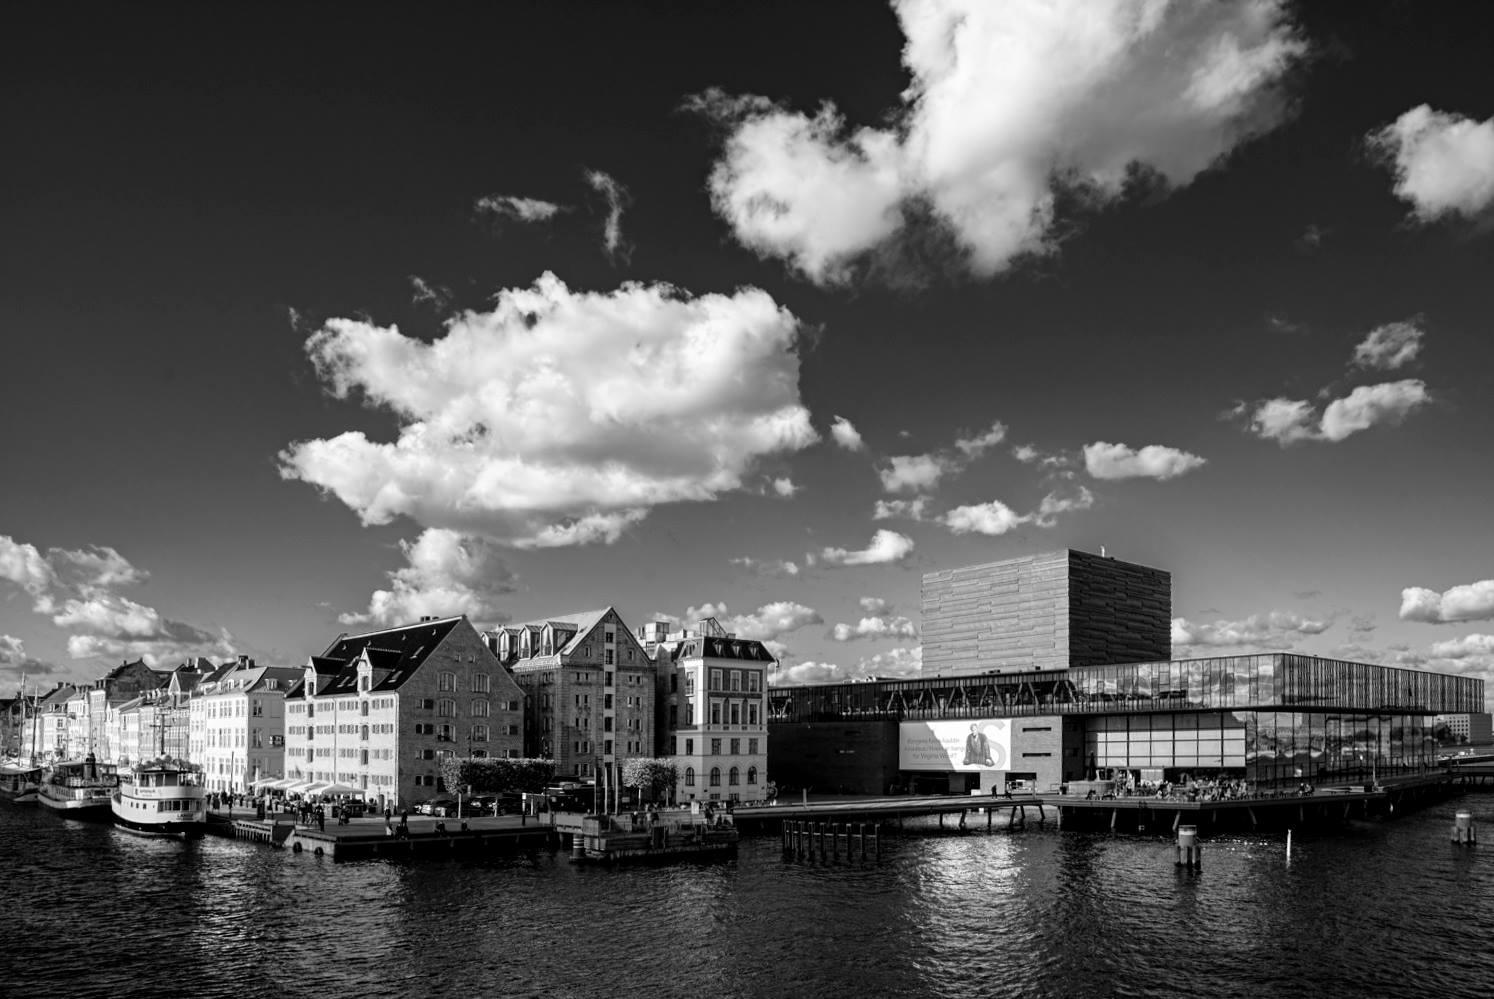 Skuespilhuset, Copenhagen